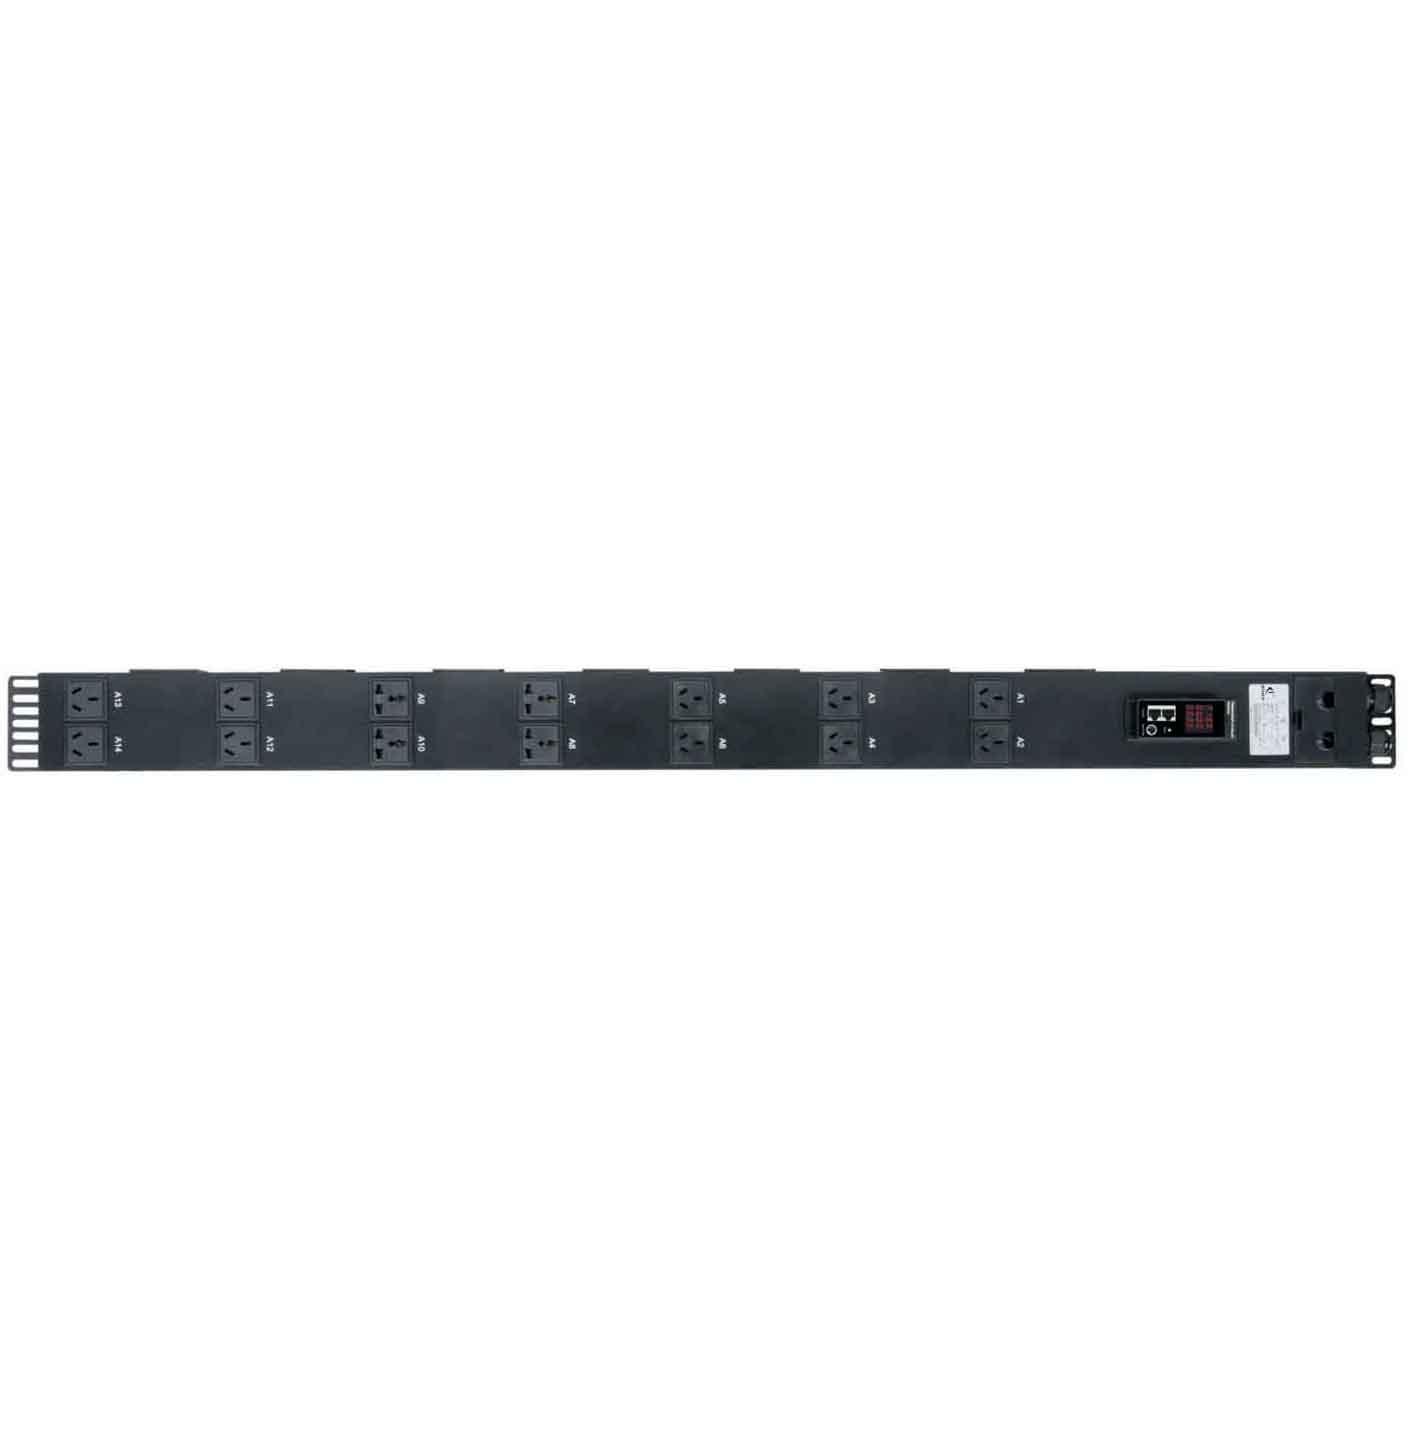 智能配電單元CTPJ2-8850H-14BBEAVB